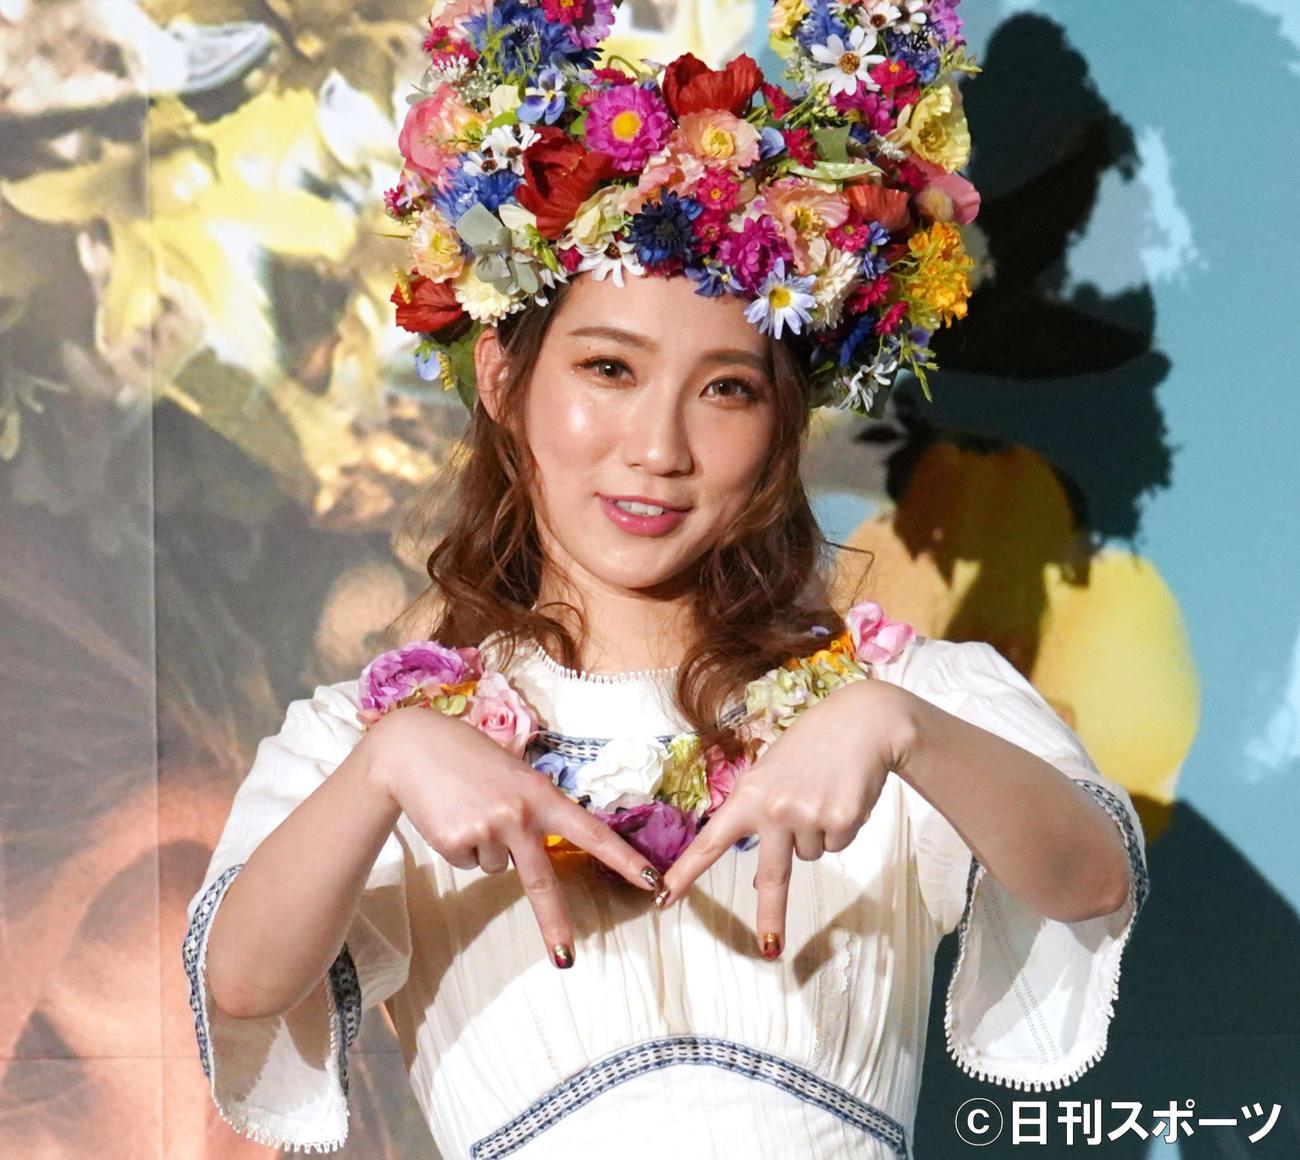 映画「MIDSOMMAR」試写会でMポーズをするファーストサマーウイカ(2020年2月4日)